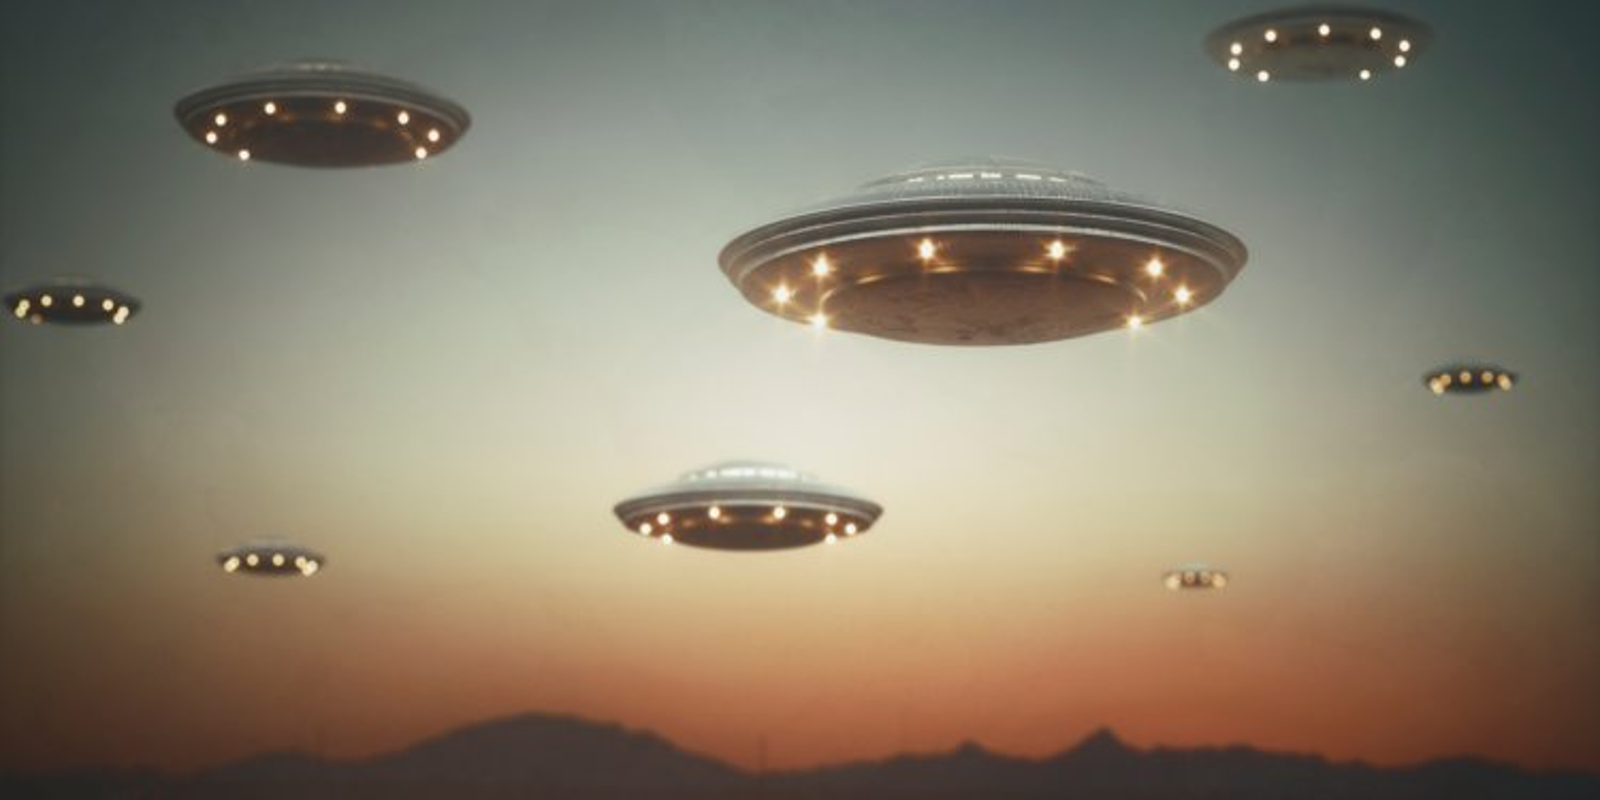 Cuc nong: Tai lieu mat ve UFO cuoi cung cung duoc giai ma?-Hinh-10